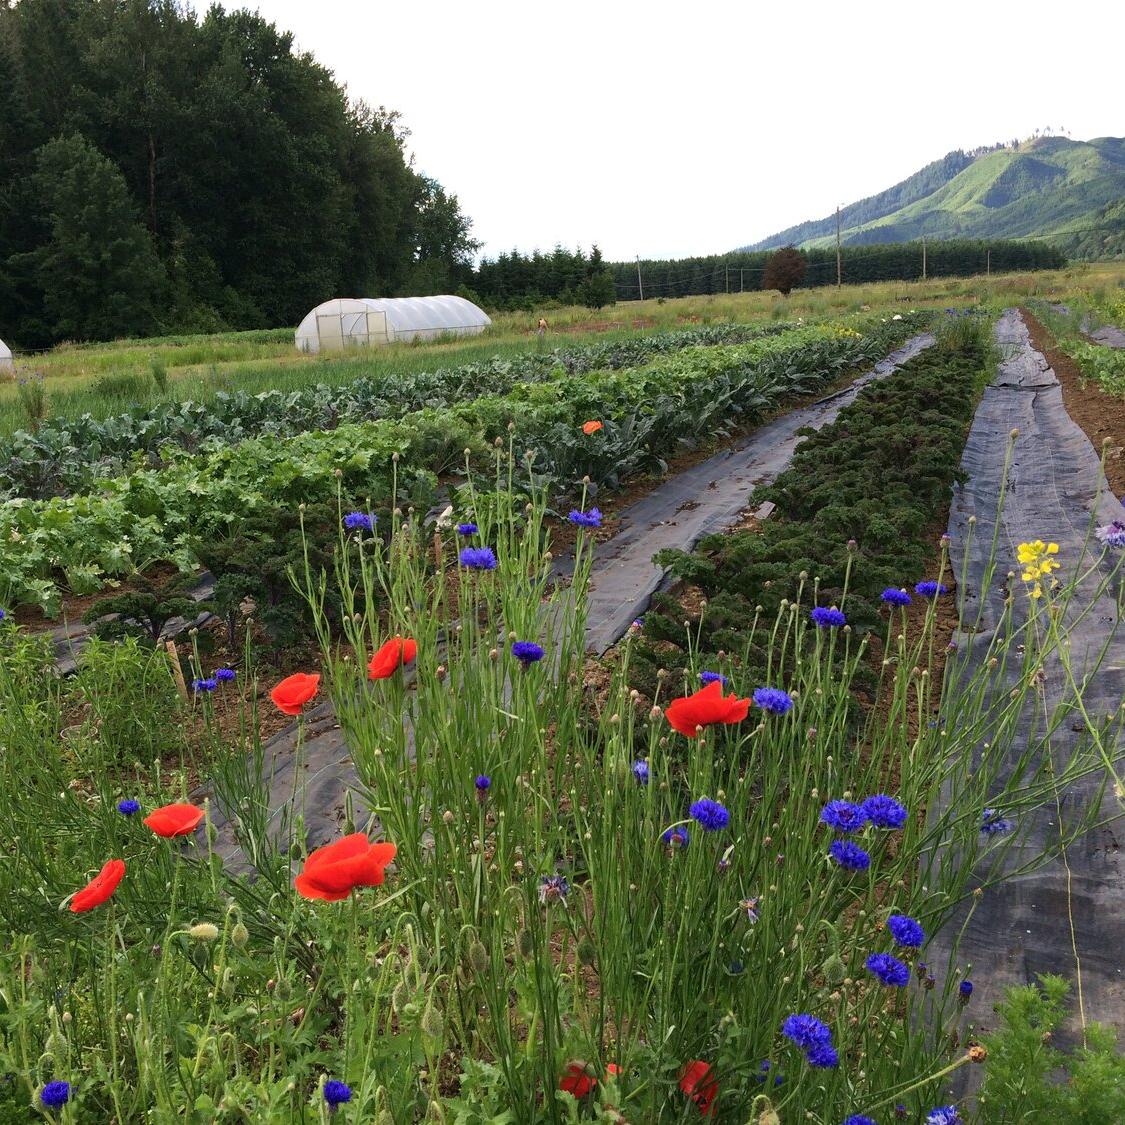 Gales Meadow Farm